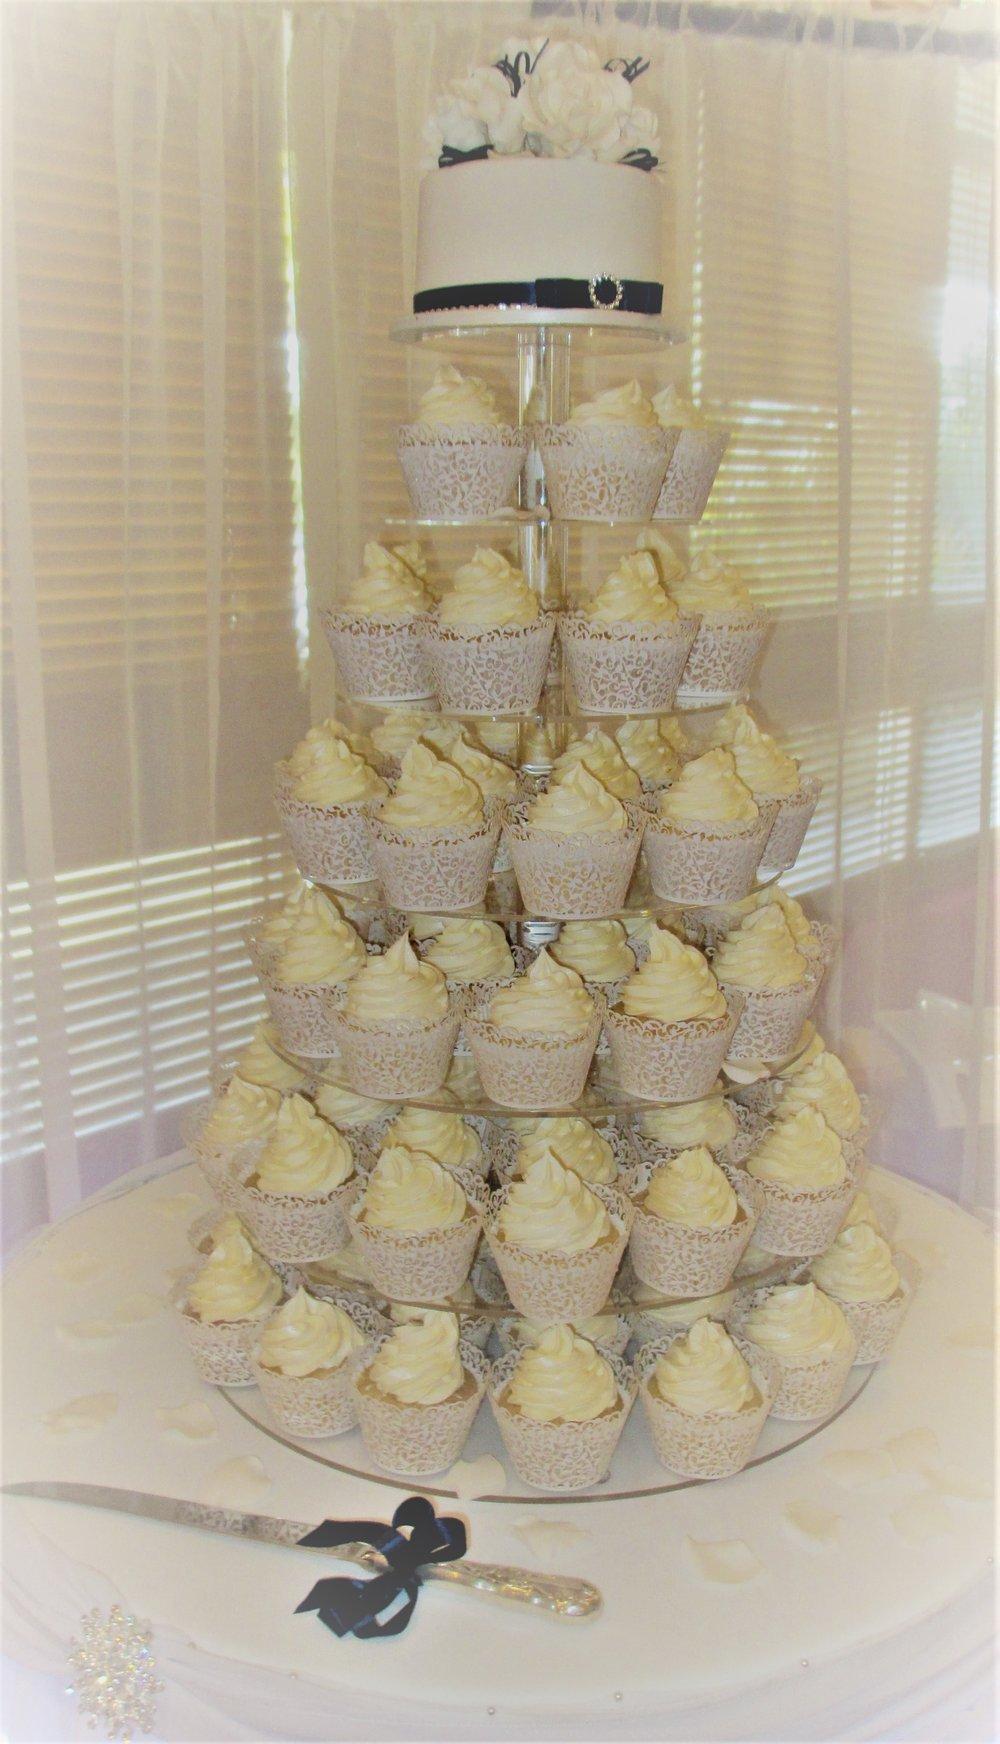 Ange's cakes (28).JPG